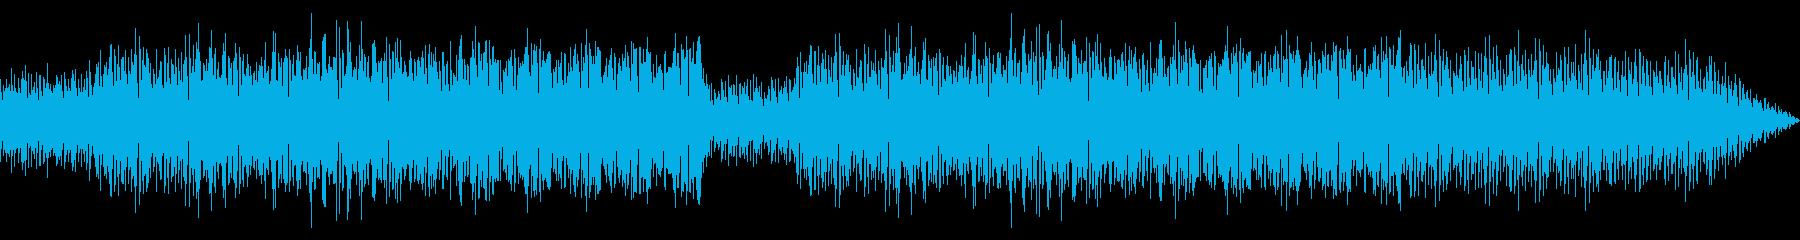 ほのぼの、うきうき感のあるインストポップの再生済みの波形